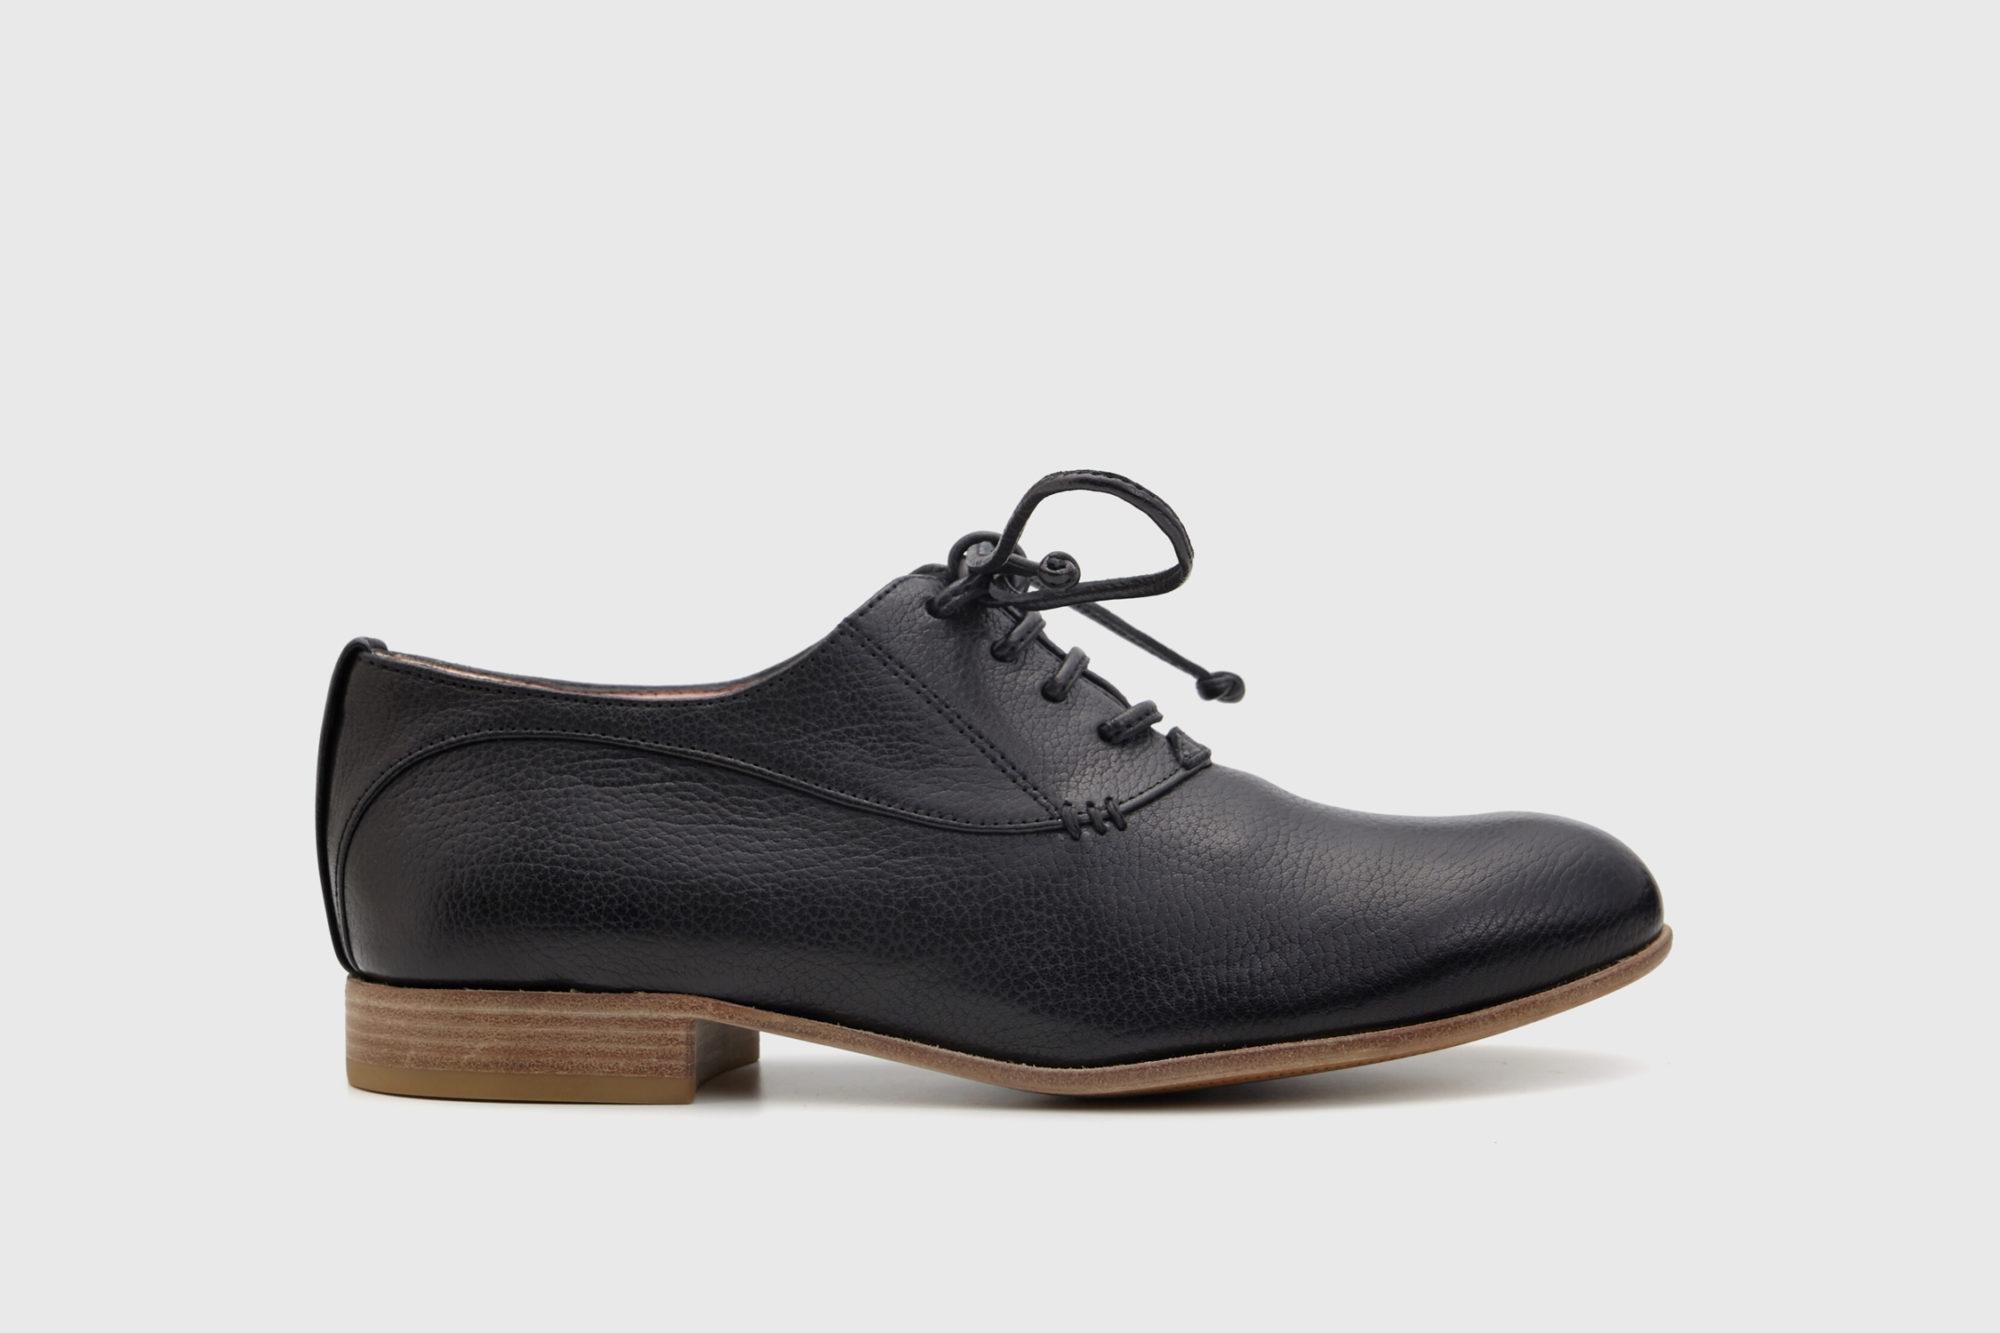 Dorotea zapato cordones Florence negro ss17 perfil